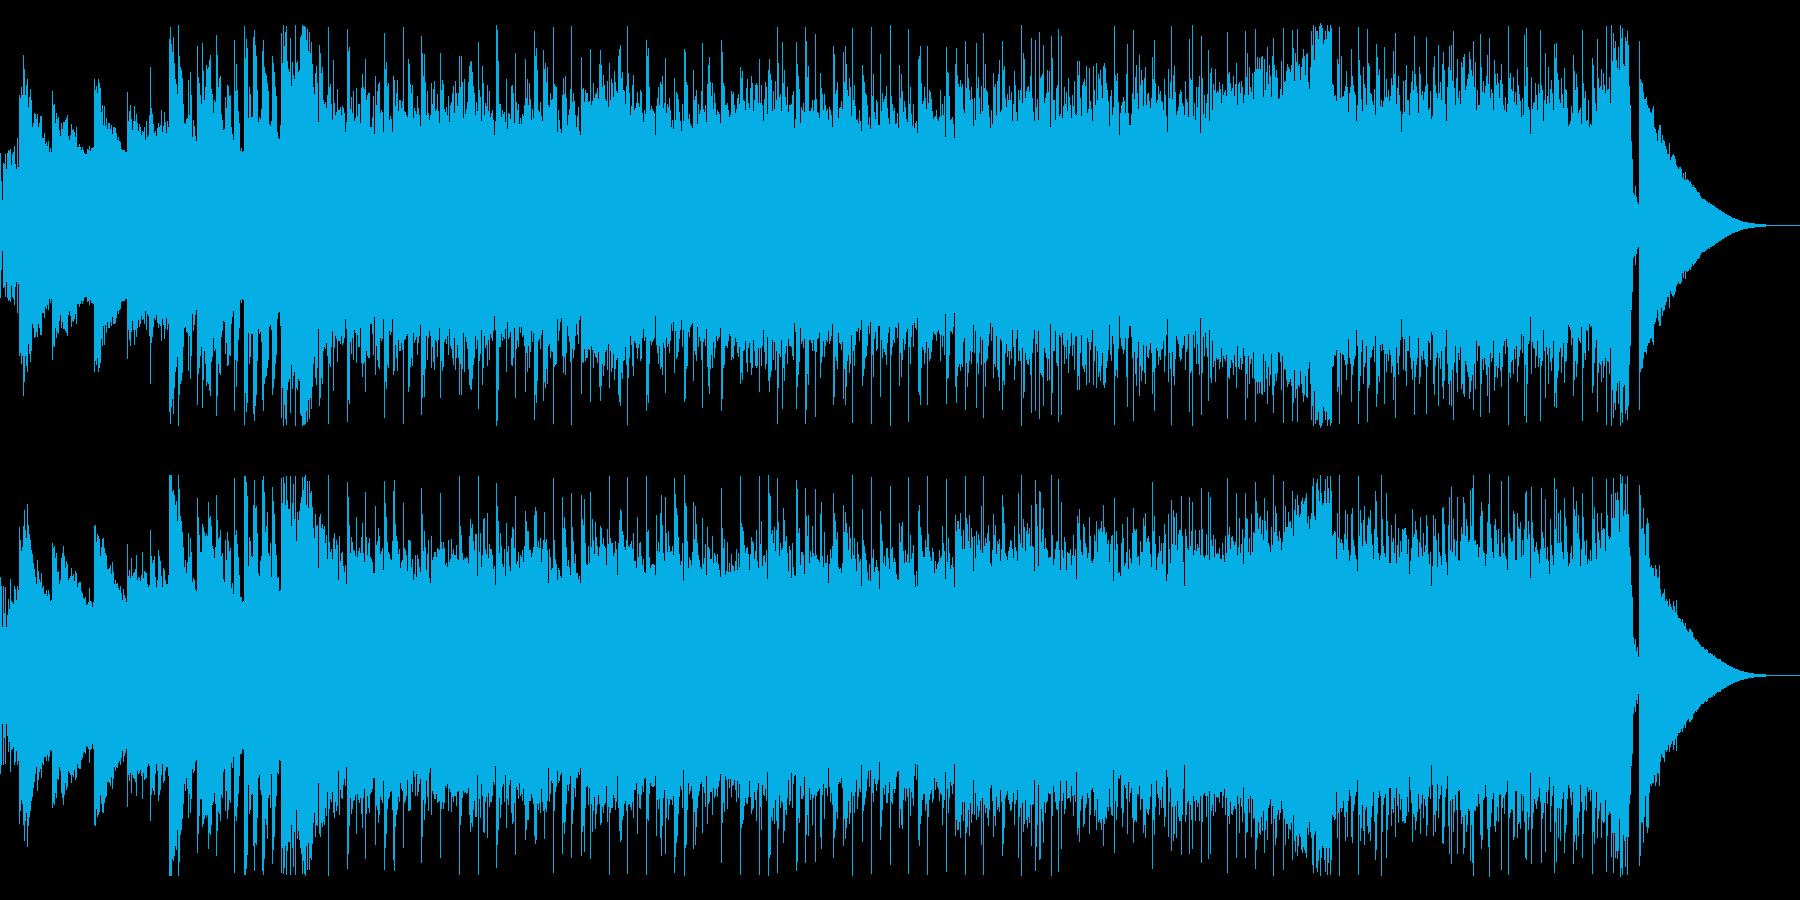 明朗でダイナミックなBGMの再生済みの波形